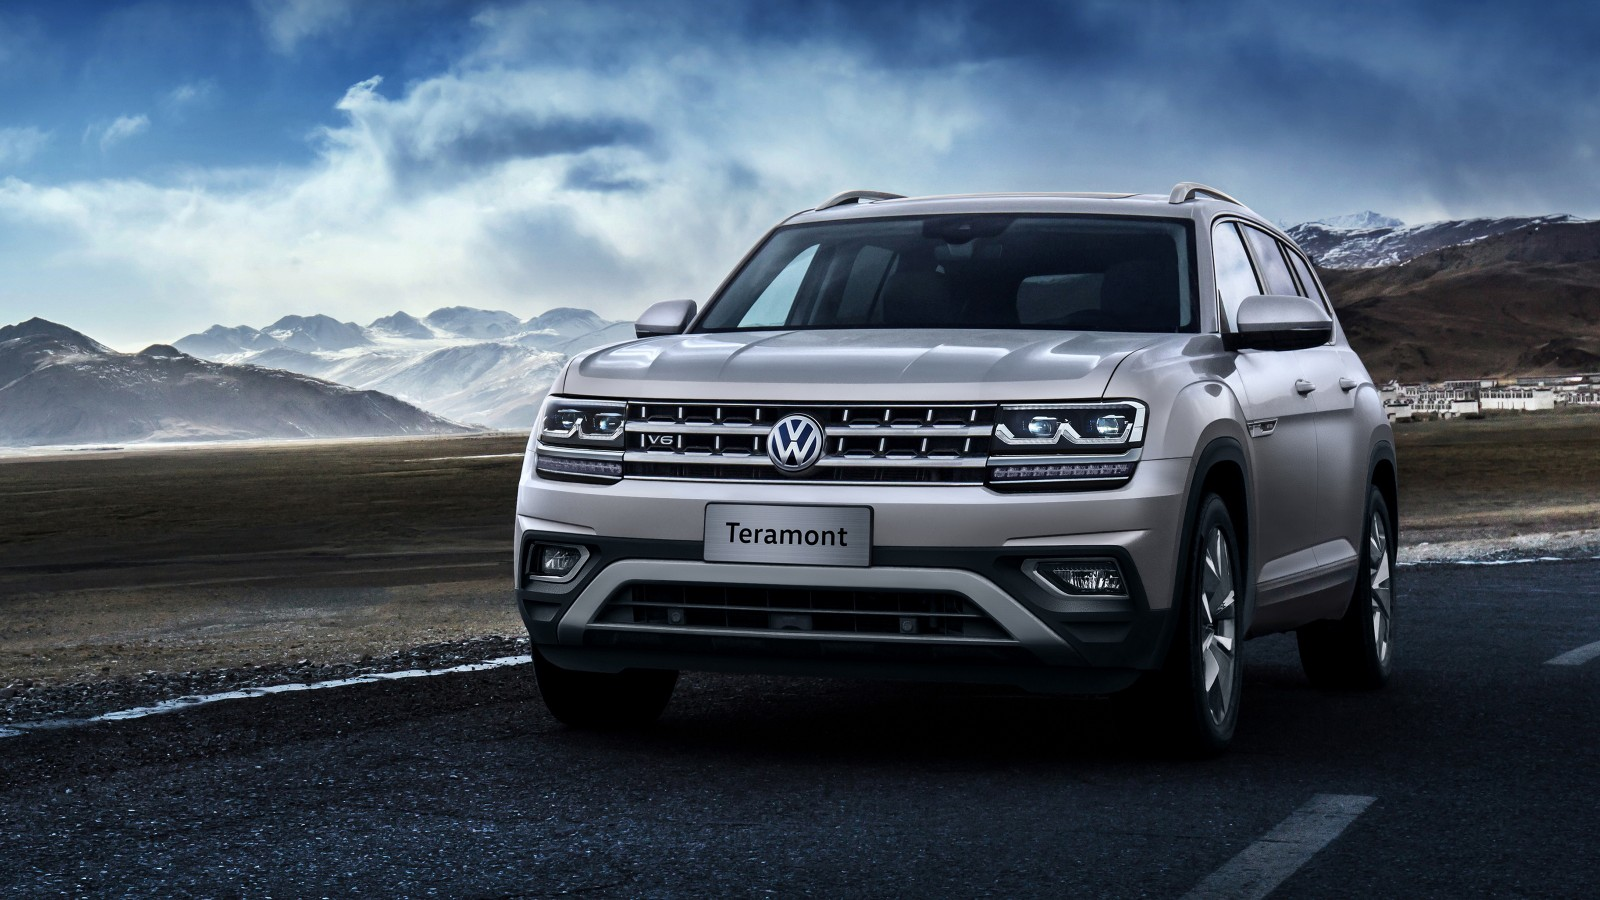 2019 Volkswagen Teramont Wallpaper | HD Car Wallpapers | ID #9325